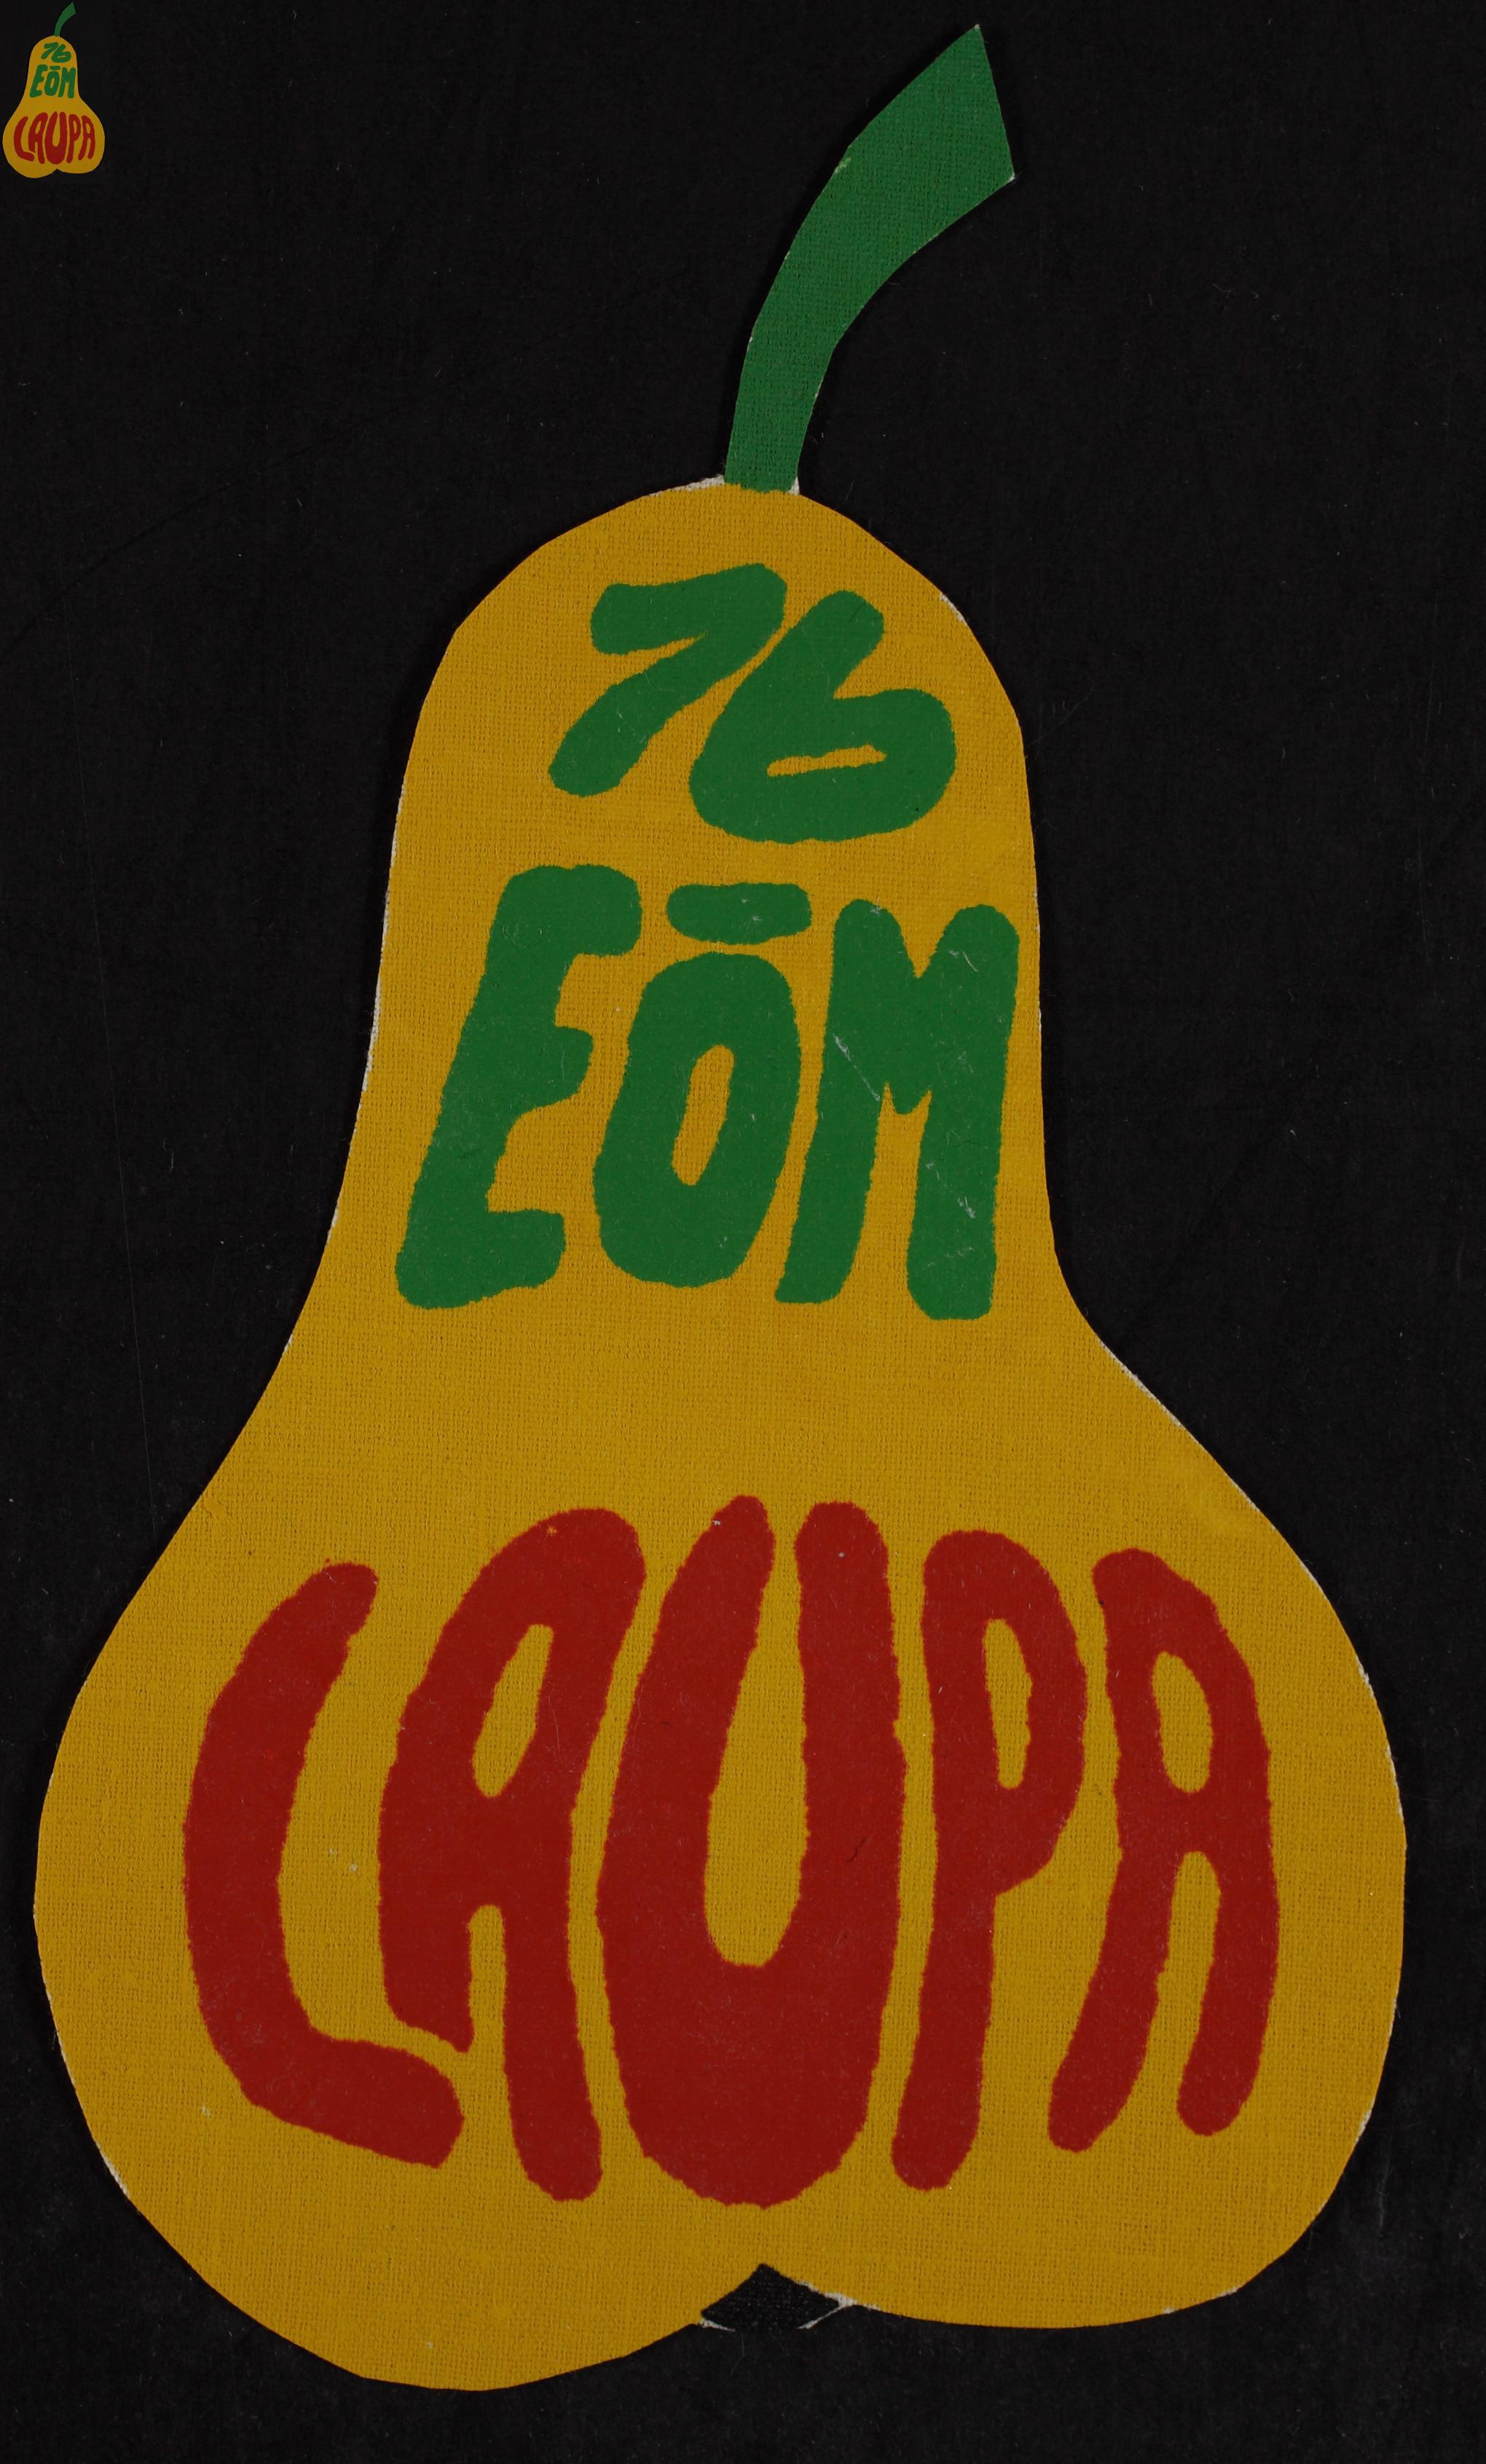 Maleva embleem, Laupa 1976/ Secondary School Students' Building Brigade emblem, Laupa 1976